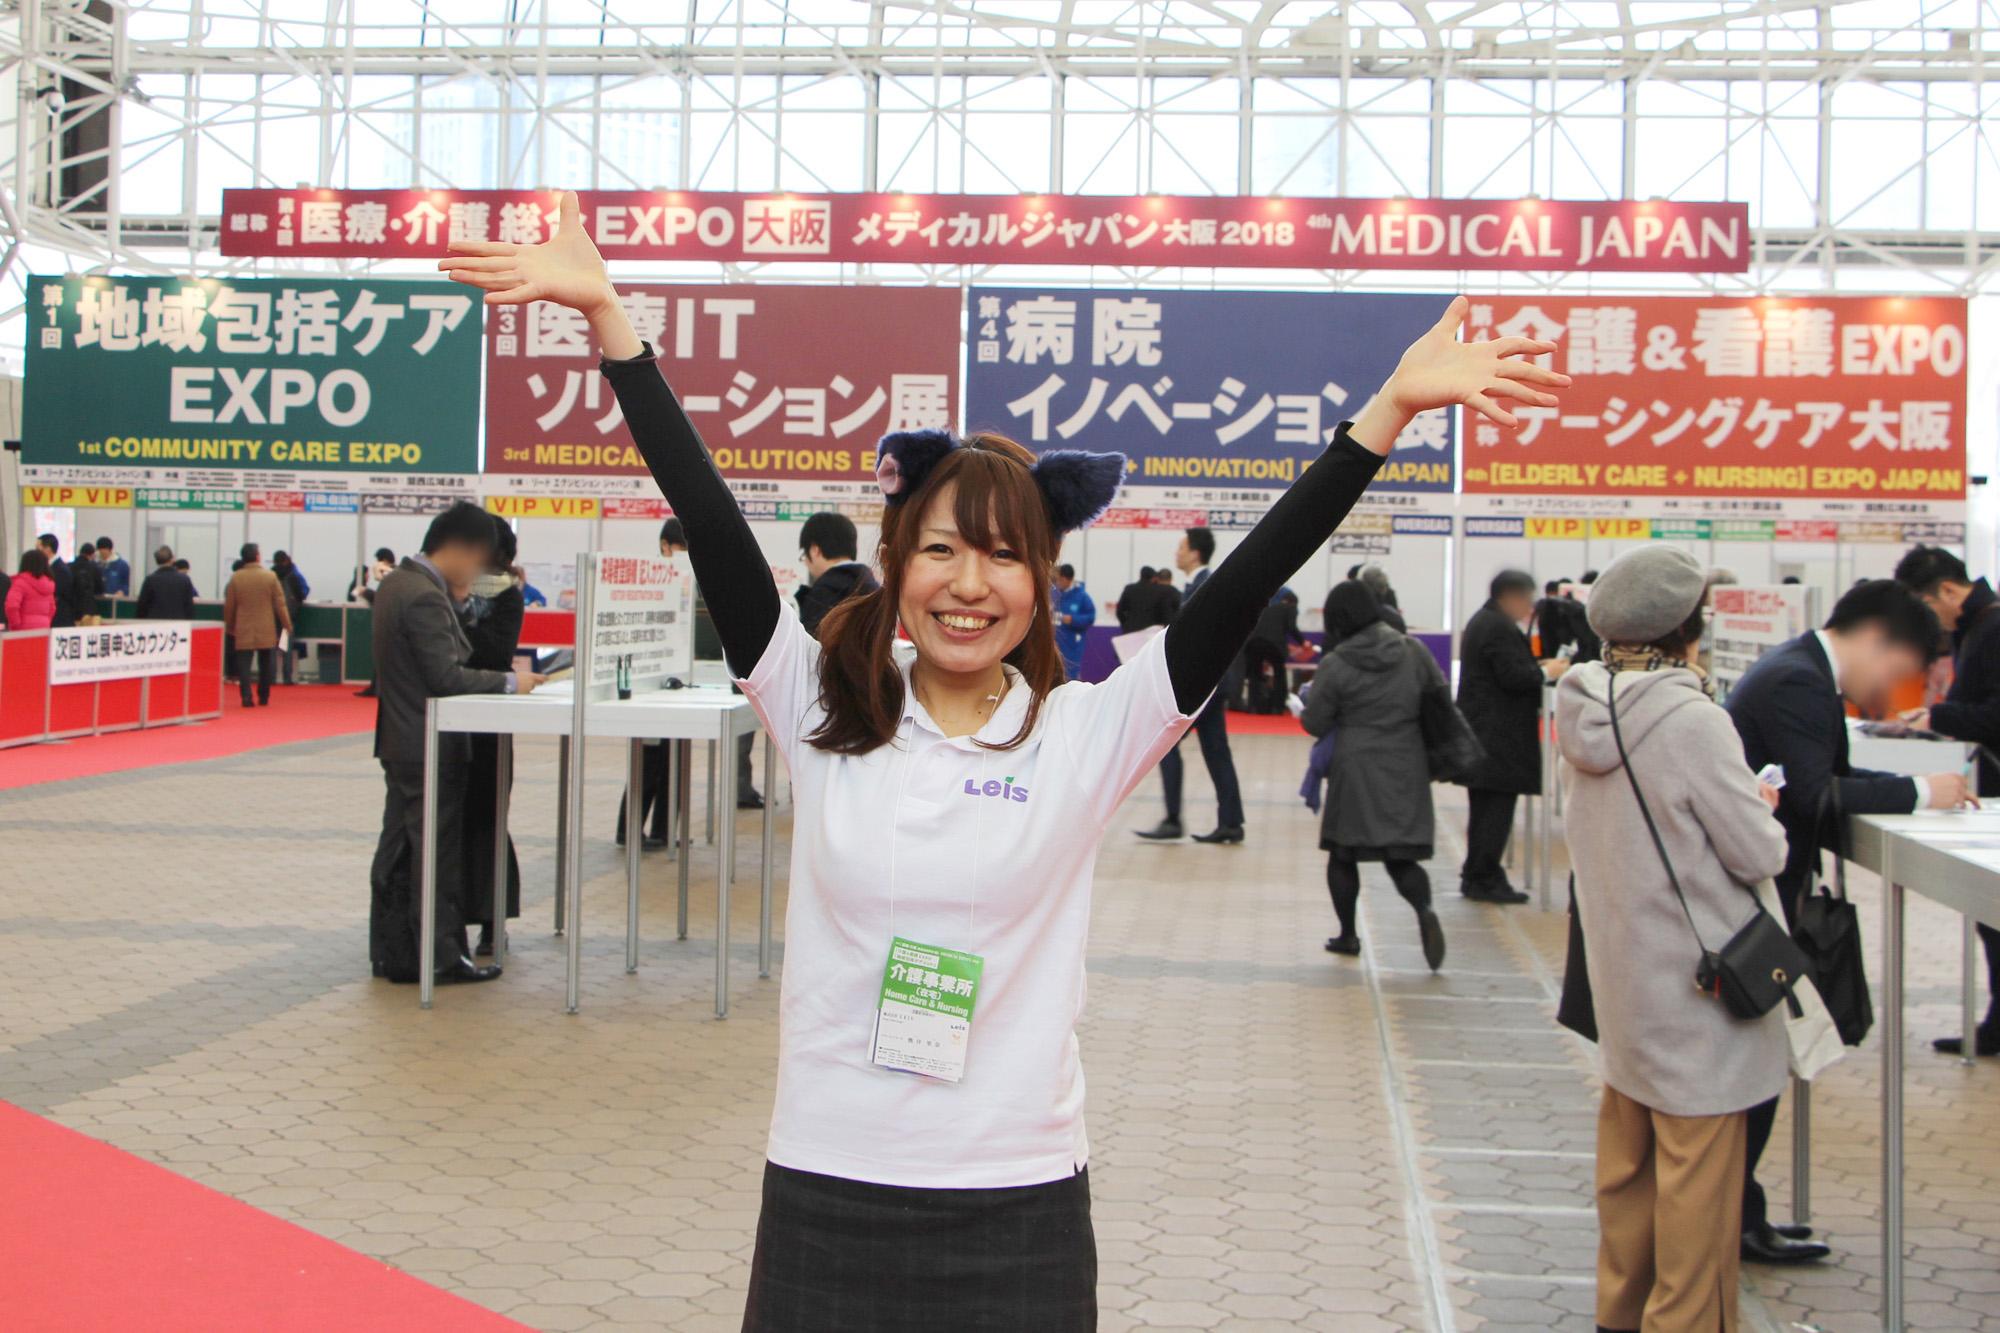 医療・介護総合EXPO入口